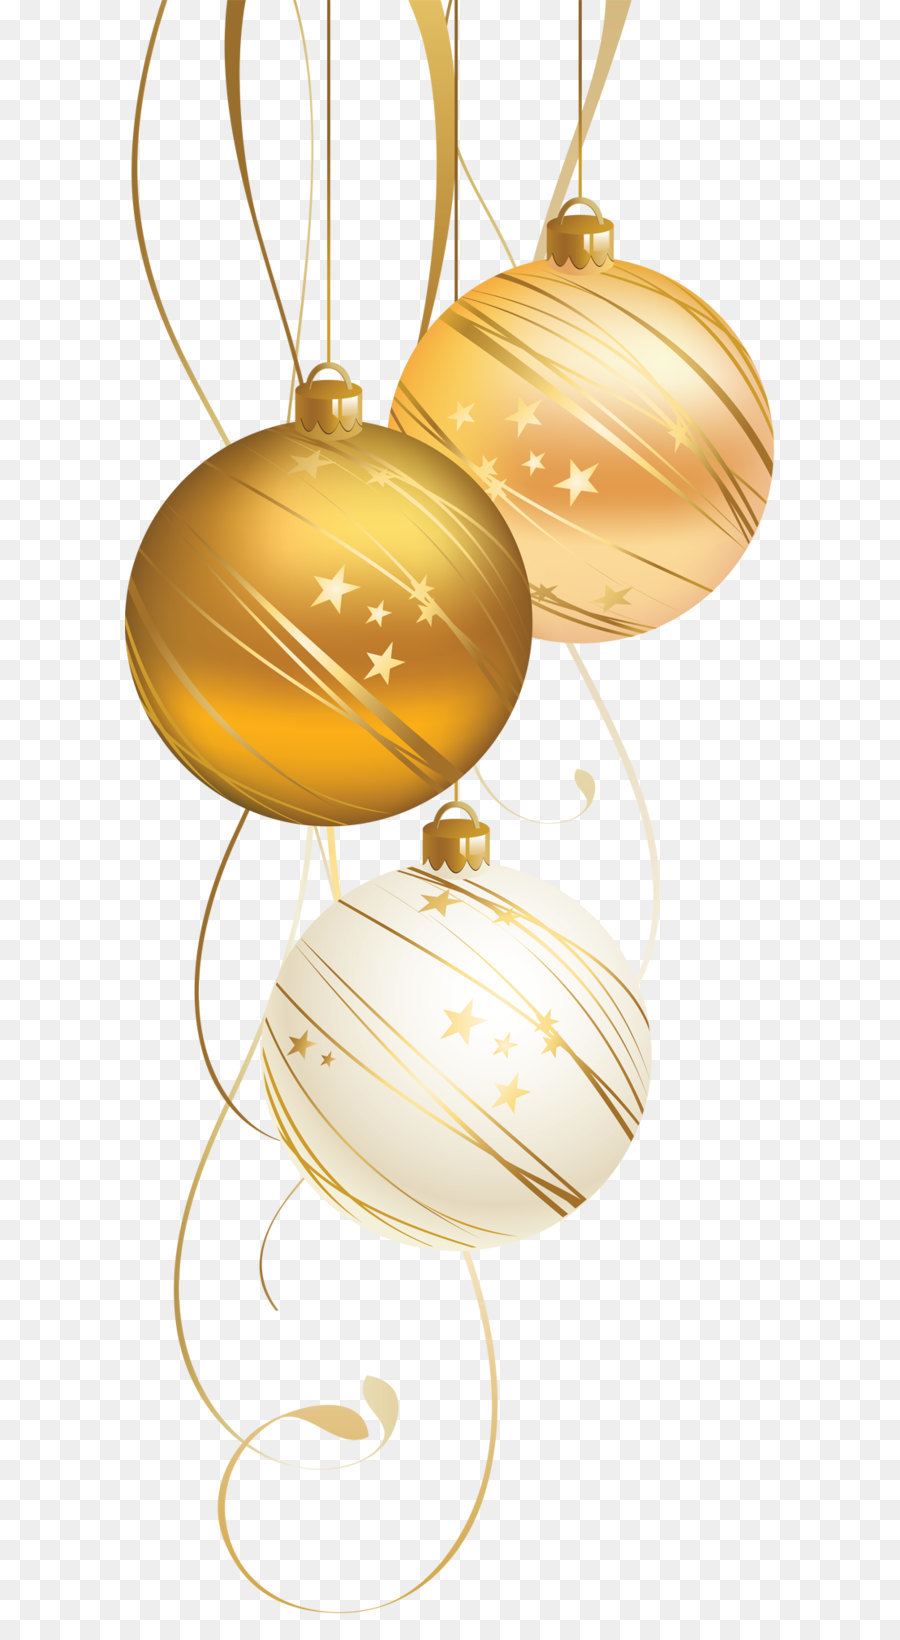 Descarga gratuita de La Navidad, Bola, Copo De Nieve Imágen de Png